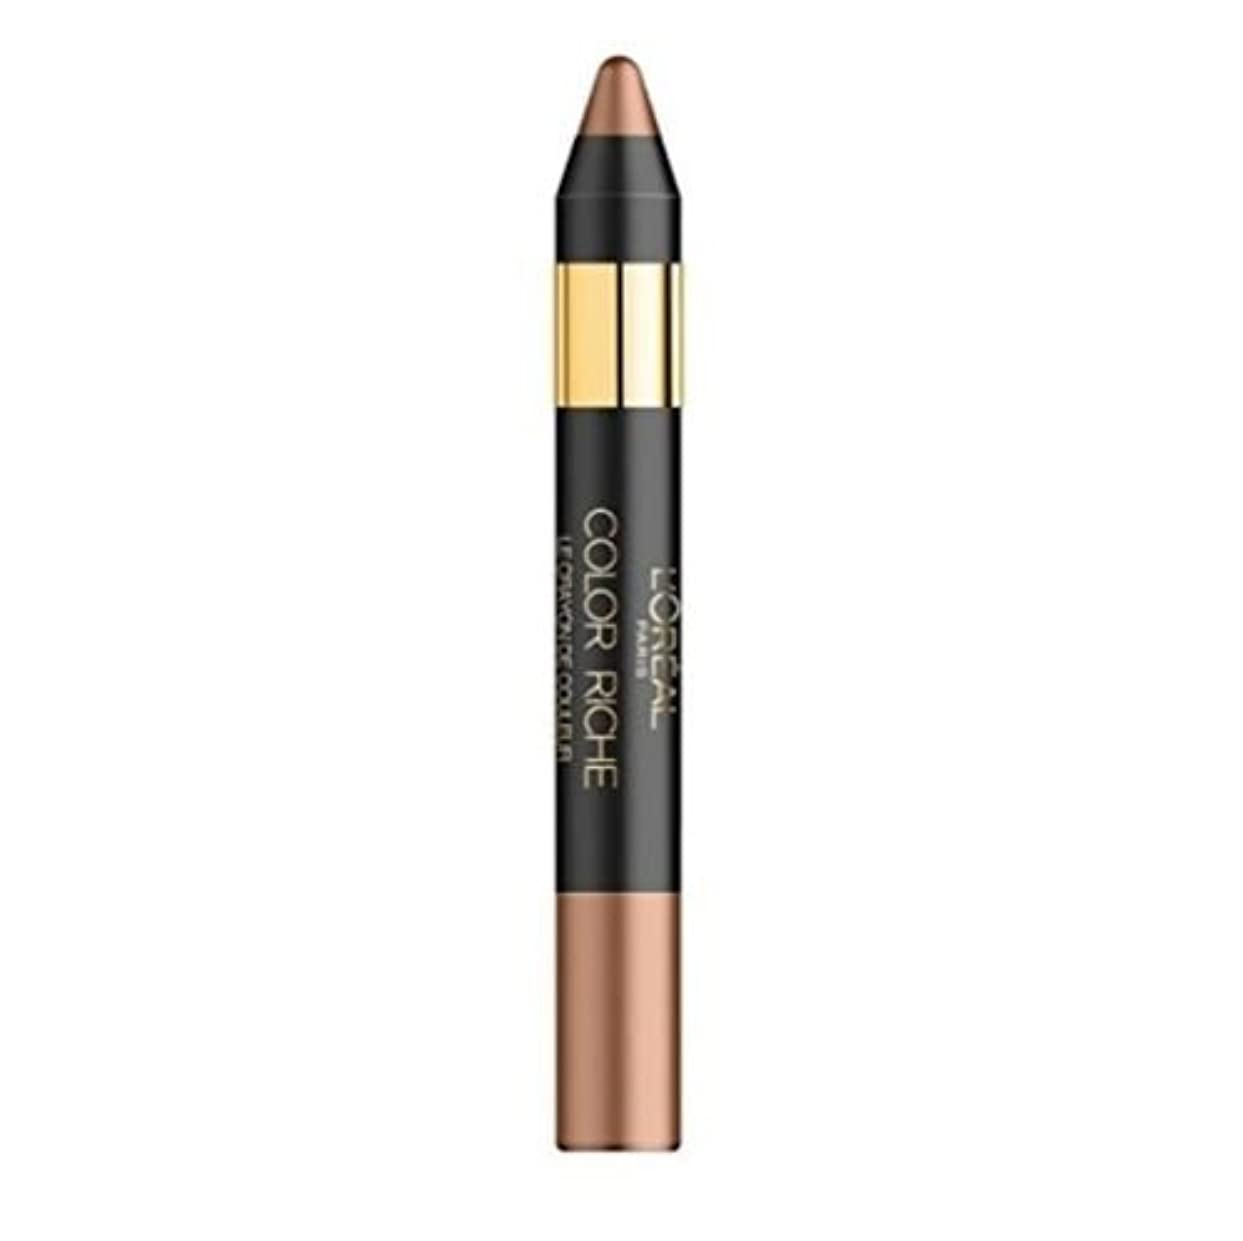 急性手順ウィザードLoreal Color Riche Eye Color Eyeliner Shadow Pencil Smoky Taupe 03